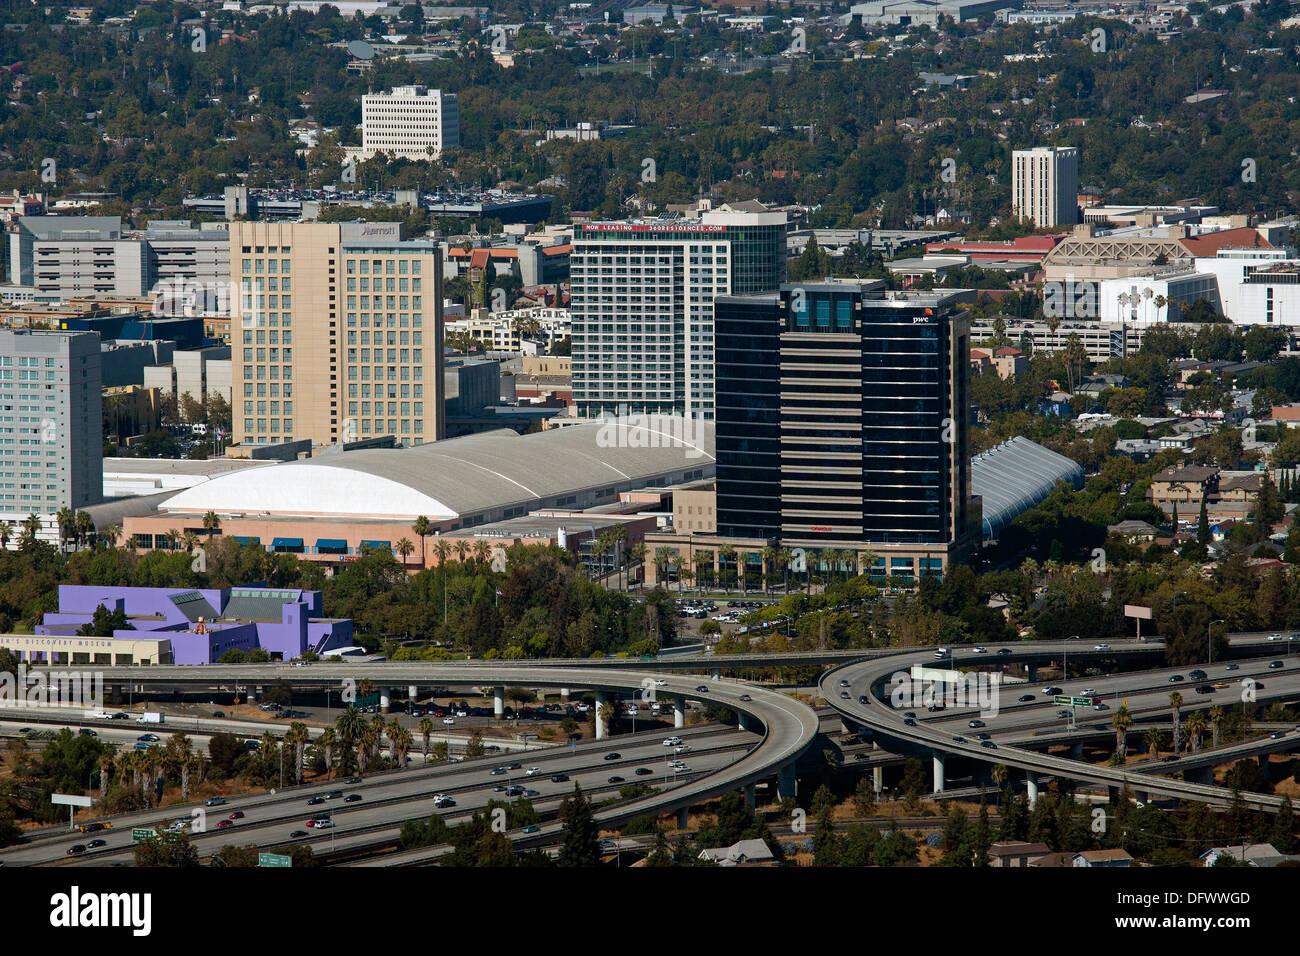 Fotografía aérea céntricas de San José, Santa Clara, California Imagen De Stock